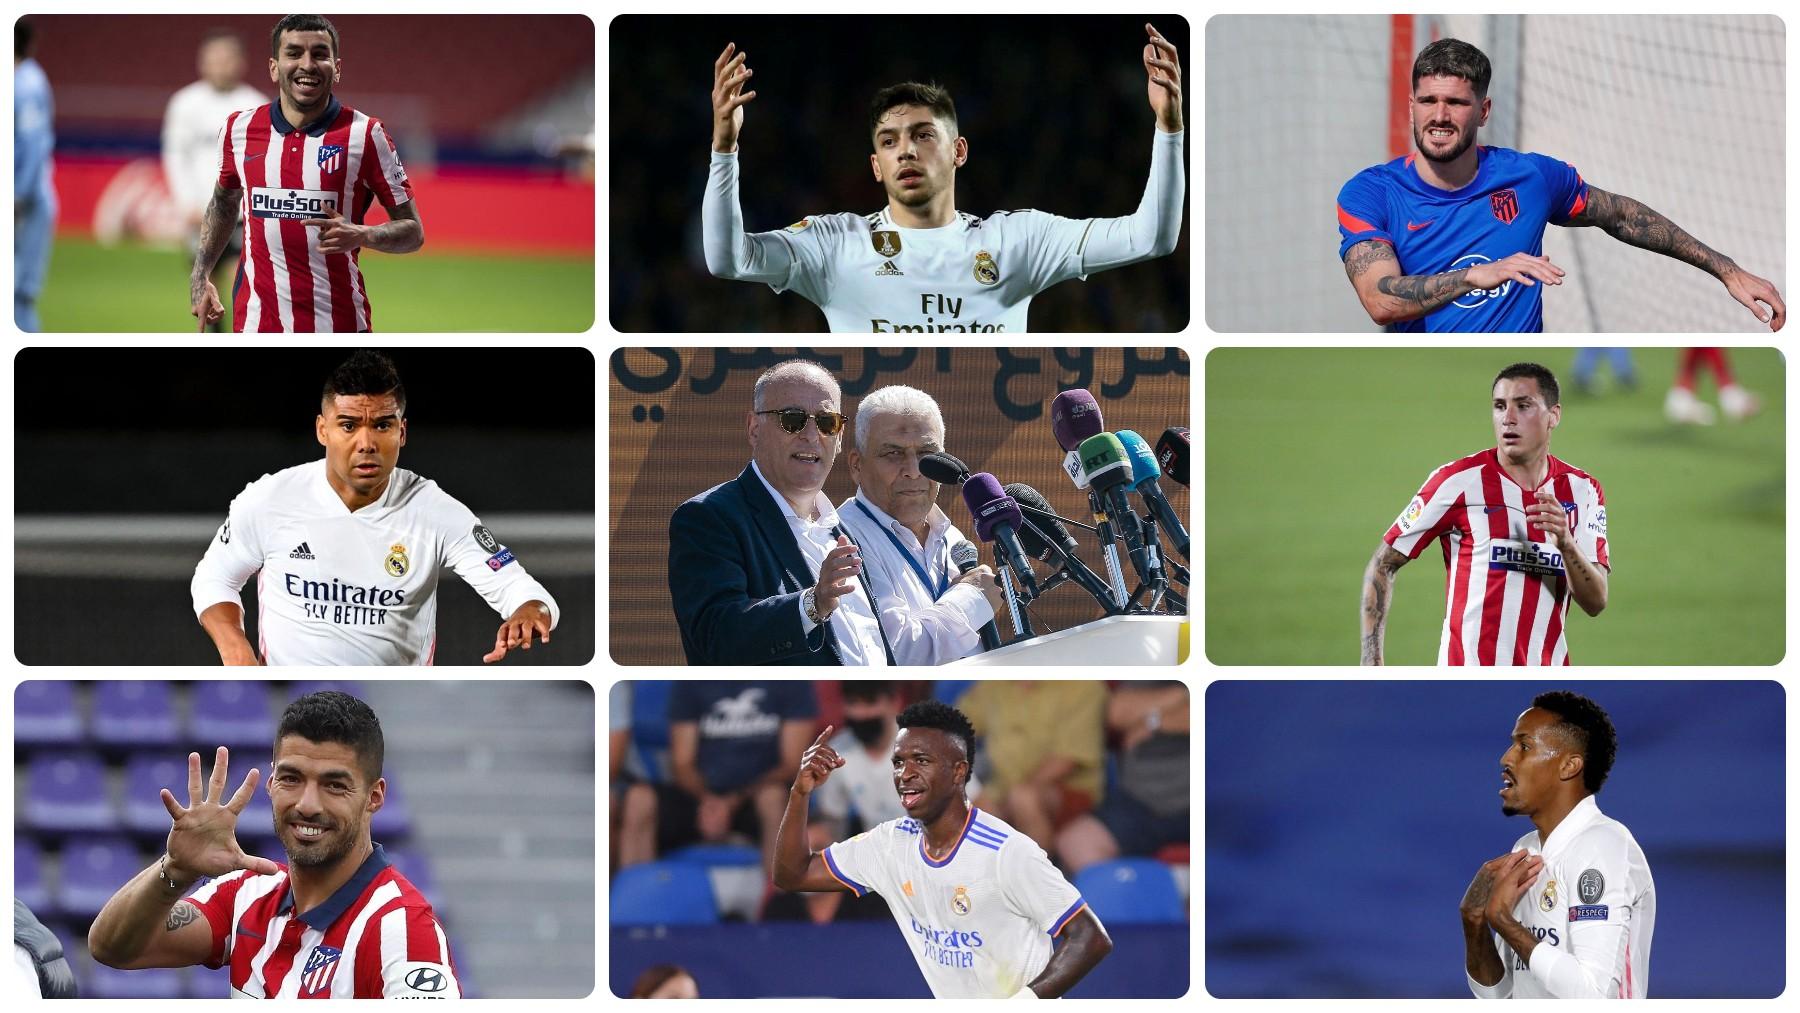 Los internacionales sudamericanos no podrán estar en la jornada 4 de la Liga Santander.